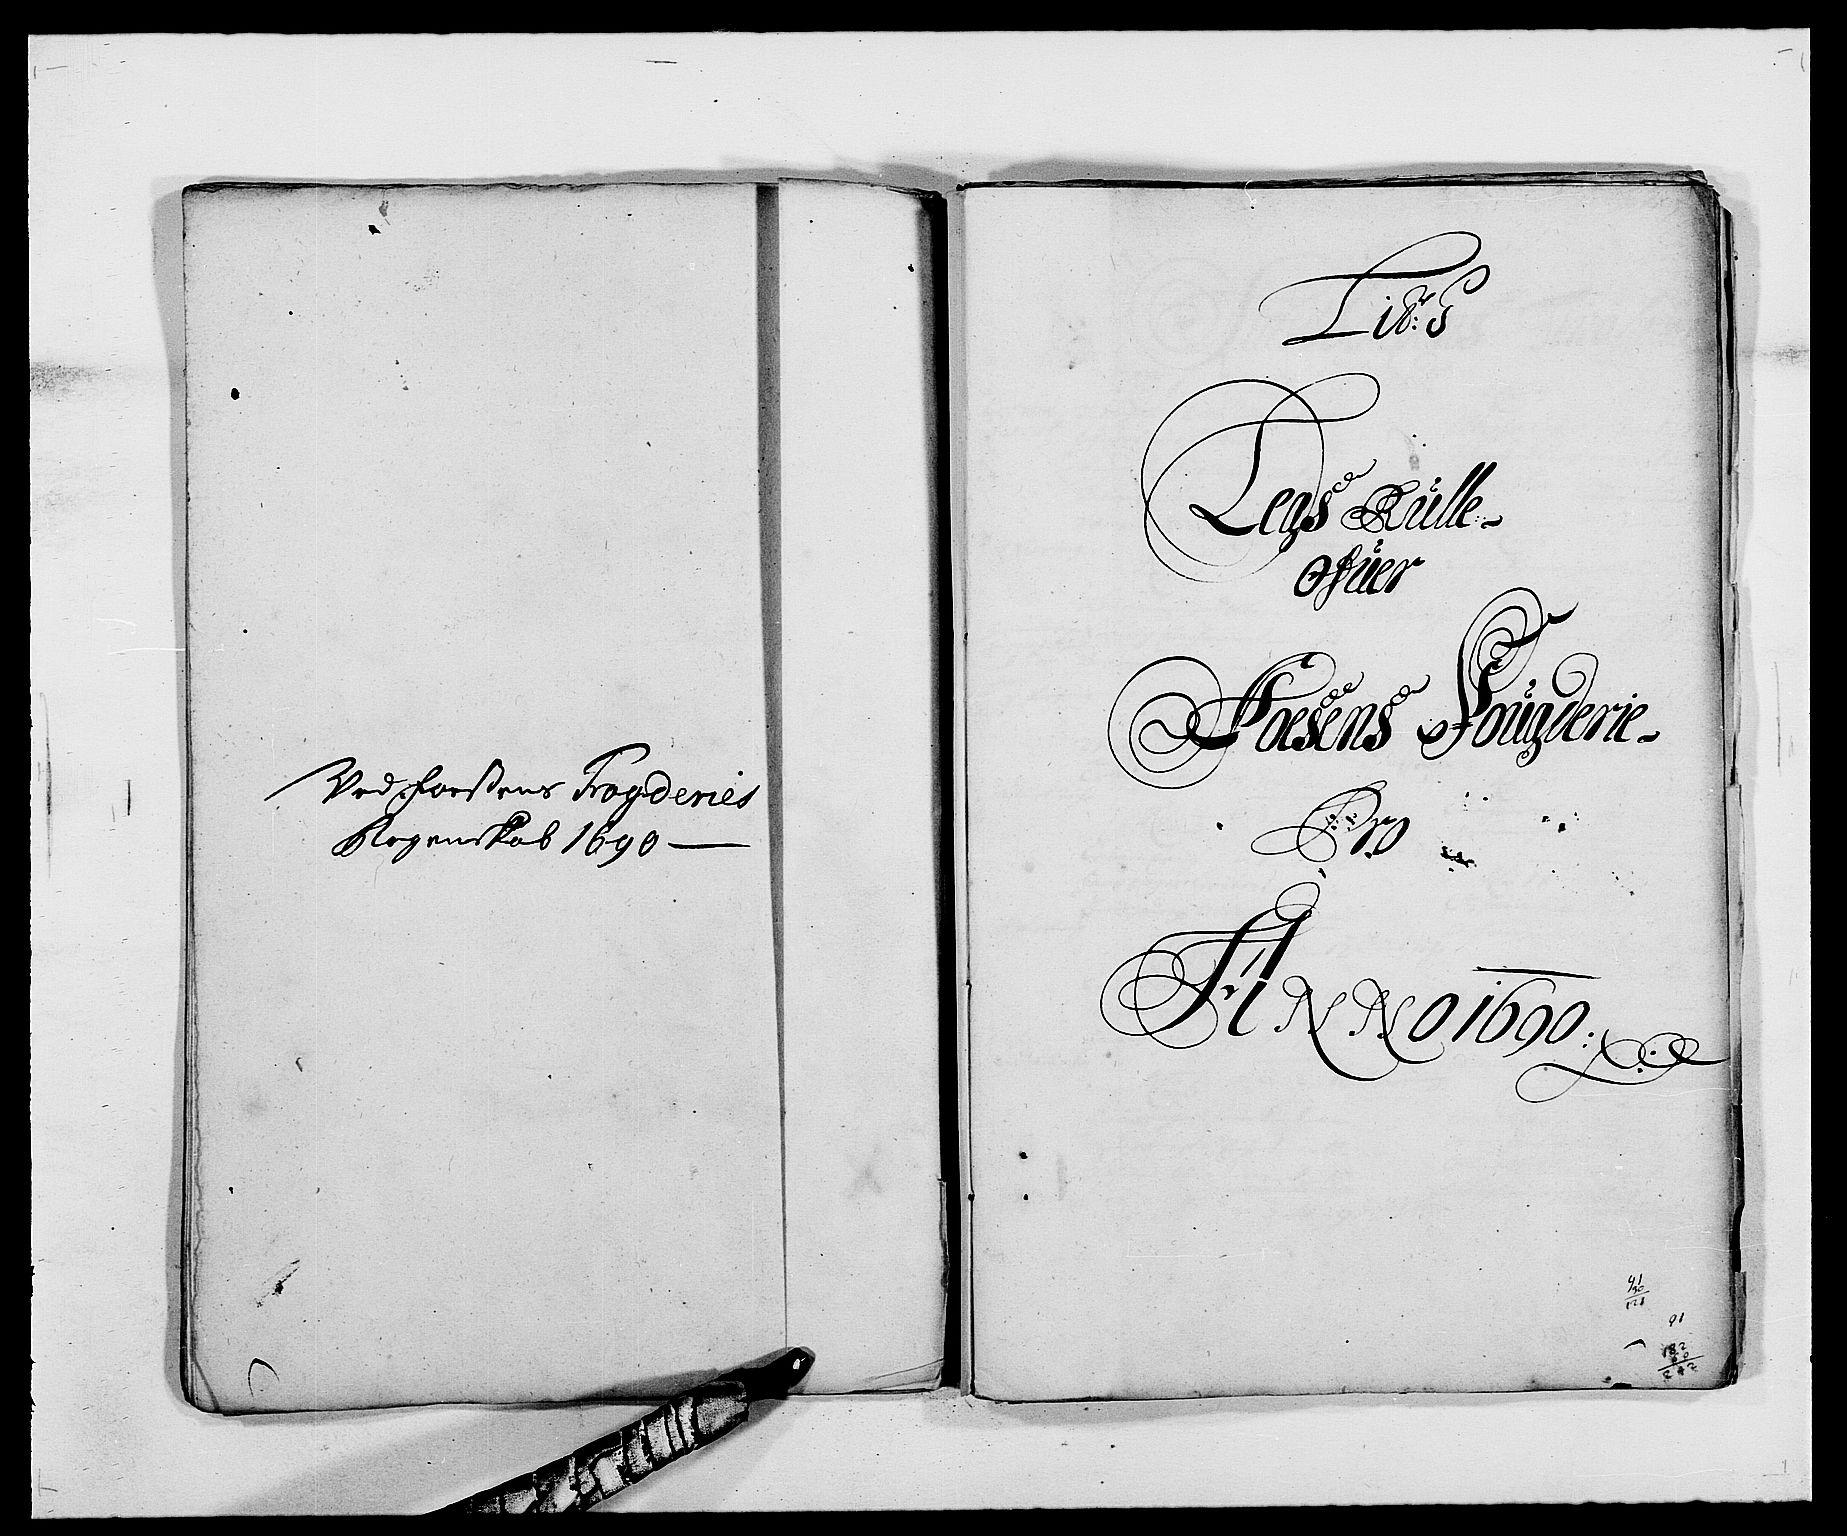 RA, Rentekammeret inntil 1814, Reviderte regnskaper, Fogderegnskap, R57/L3848: Fogderegnskap Fosen, 1690-1691, s. 101